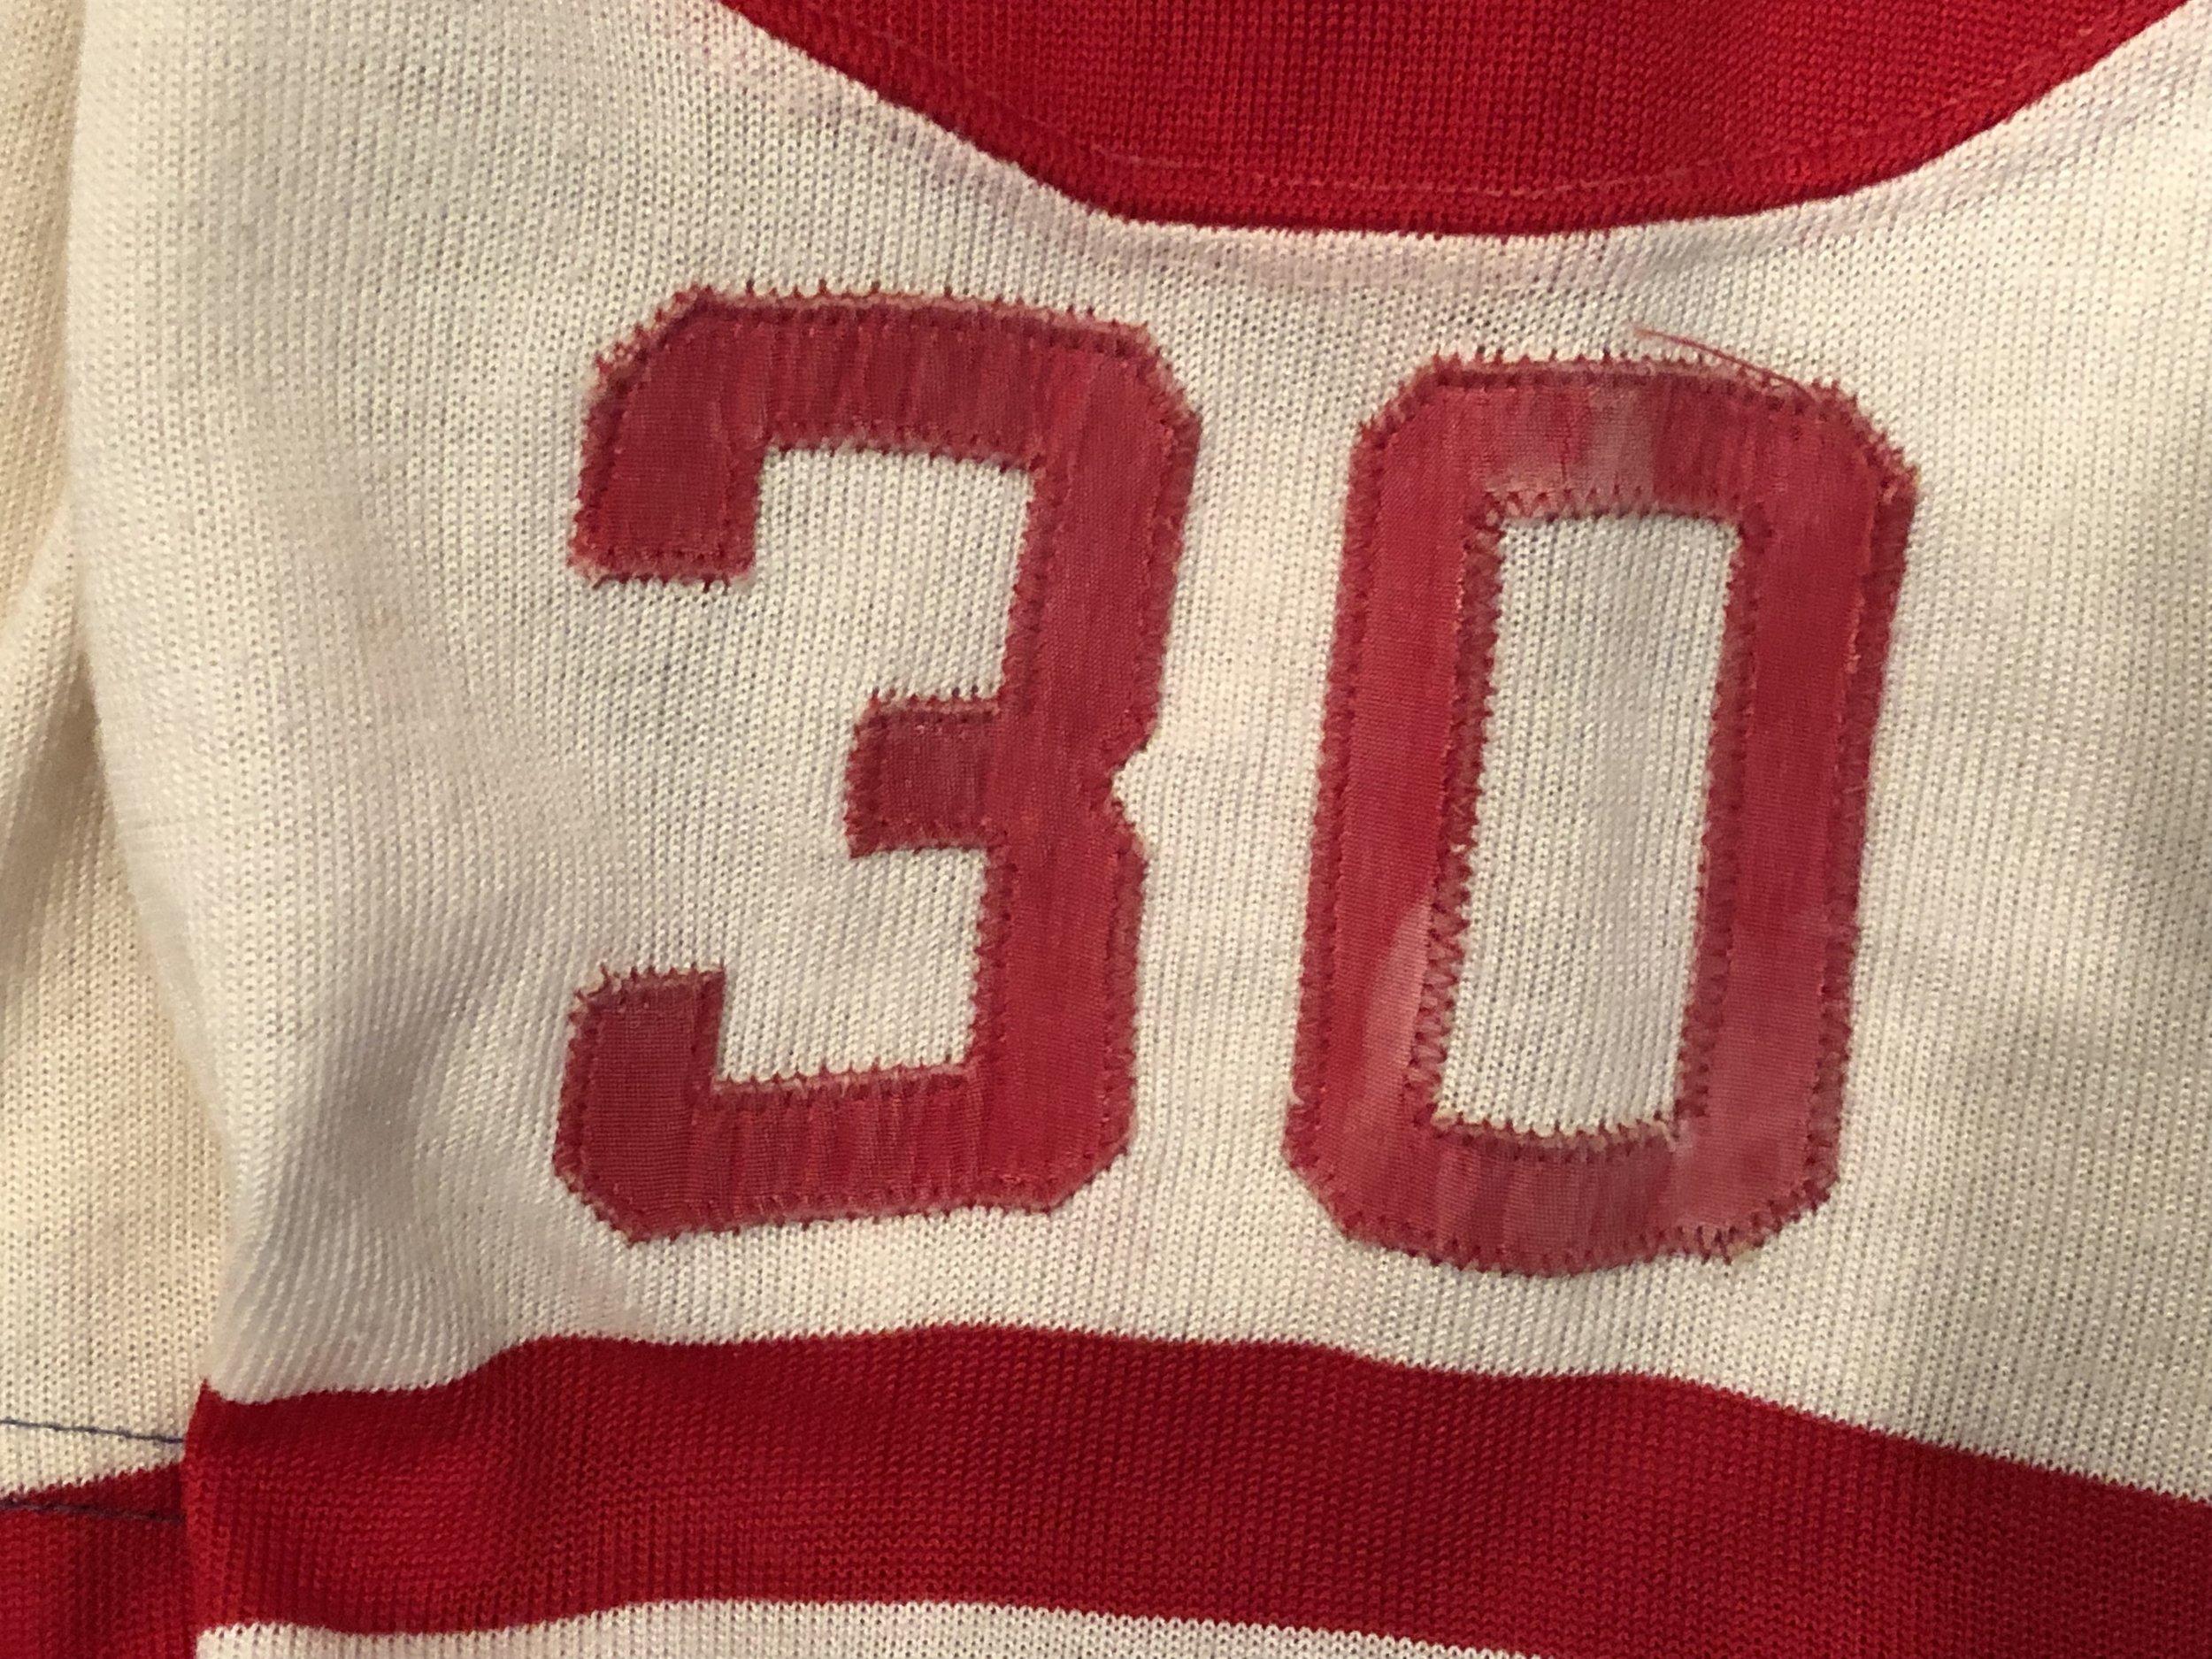 Jerseys-43.jpg